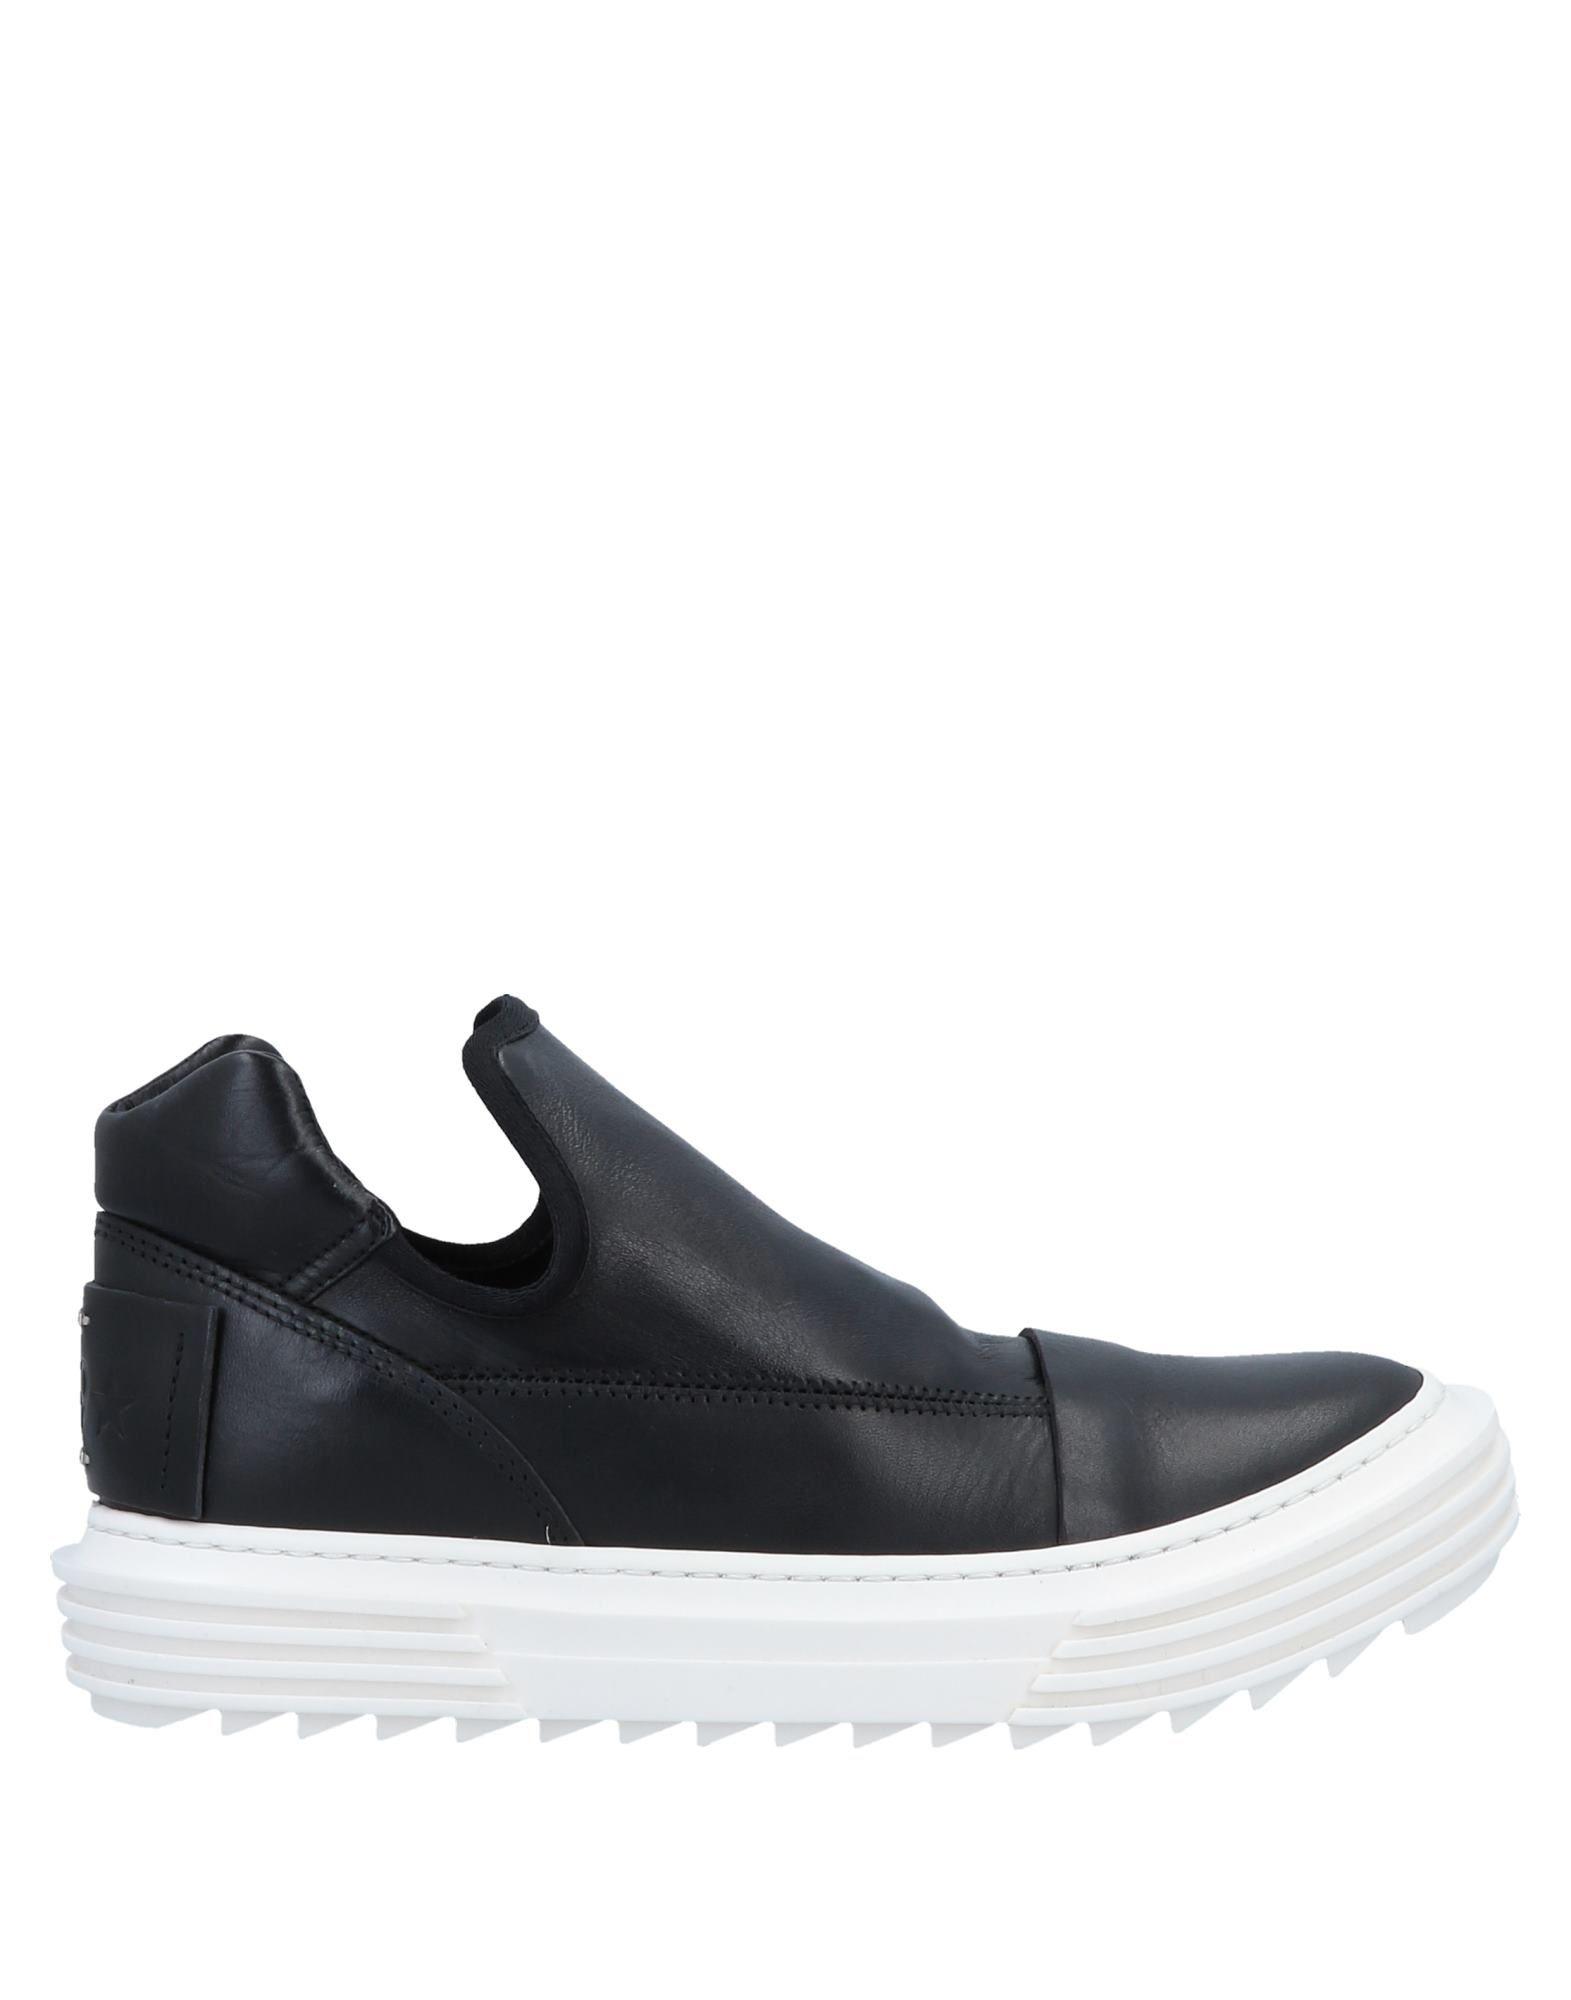 Artselab Sneakers - Australia Women Artselab Sneakers online on  Australia - - 11568953TK 2dd4fa